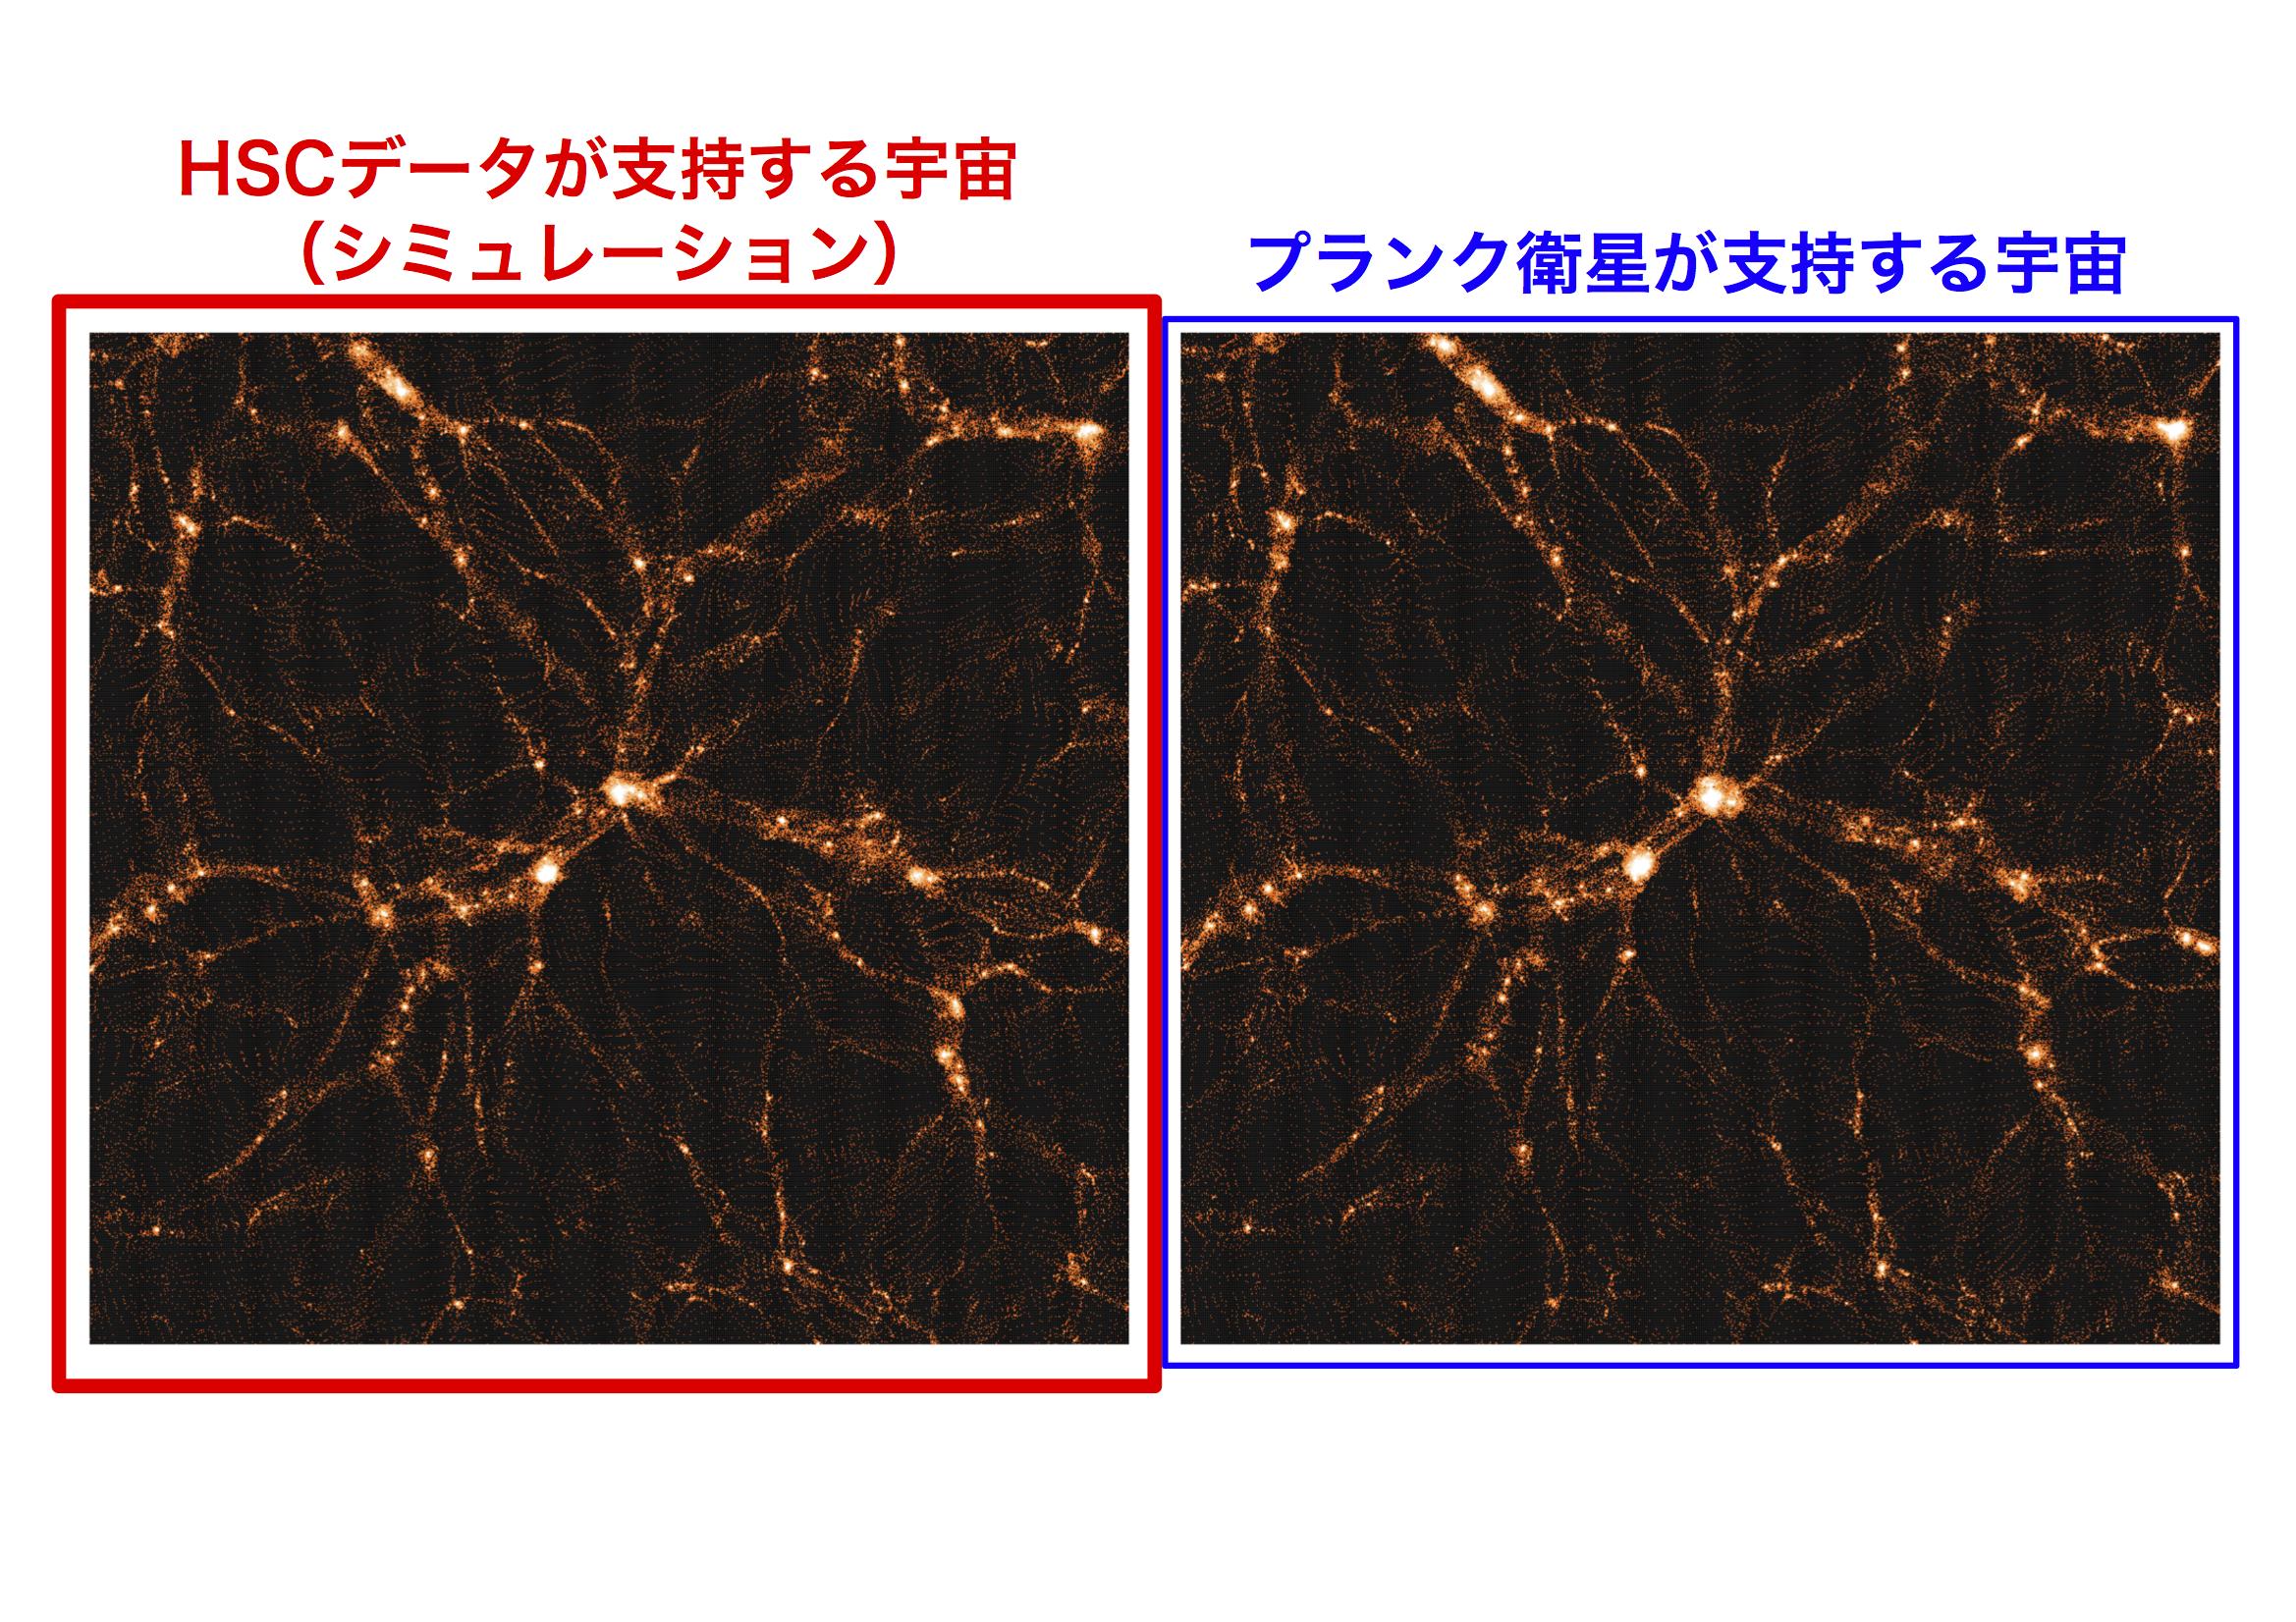 すばる望遠鏡発の精密宇宙論の幕開け ―ダークマター、ダークエネルギーの解明を目指して― 図5